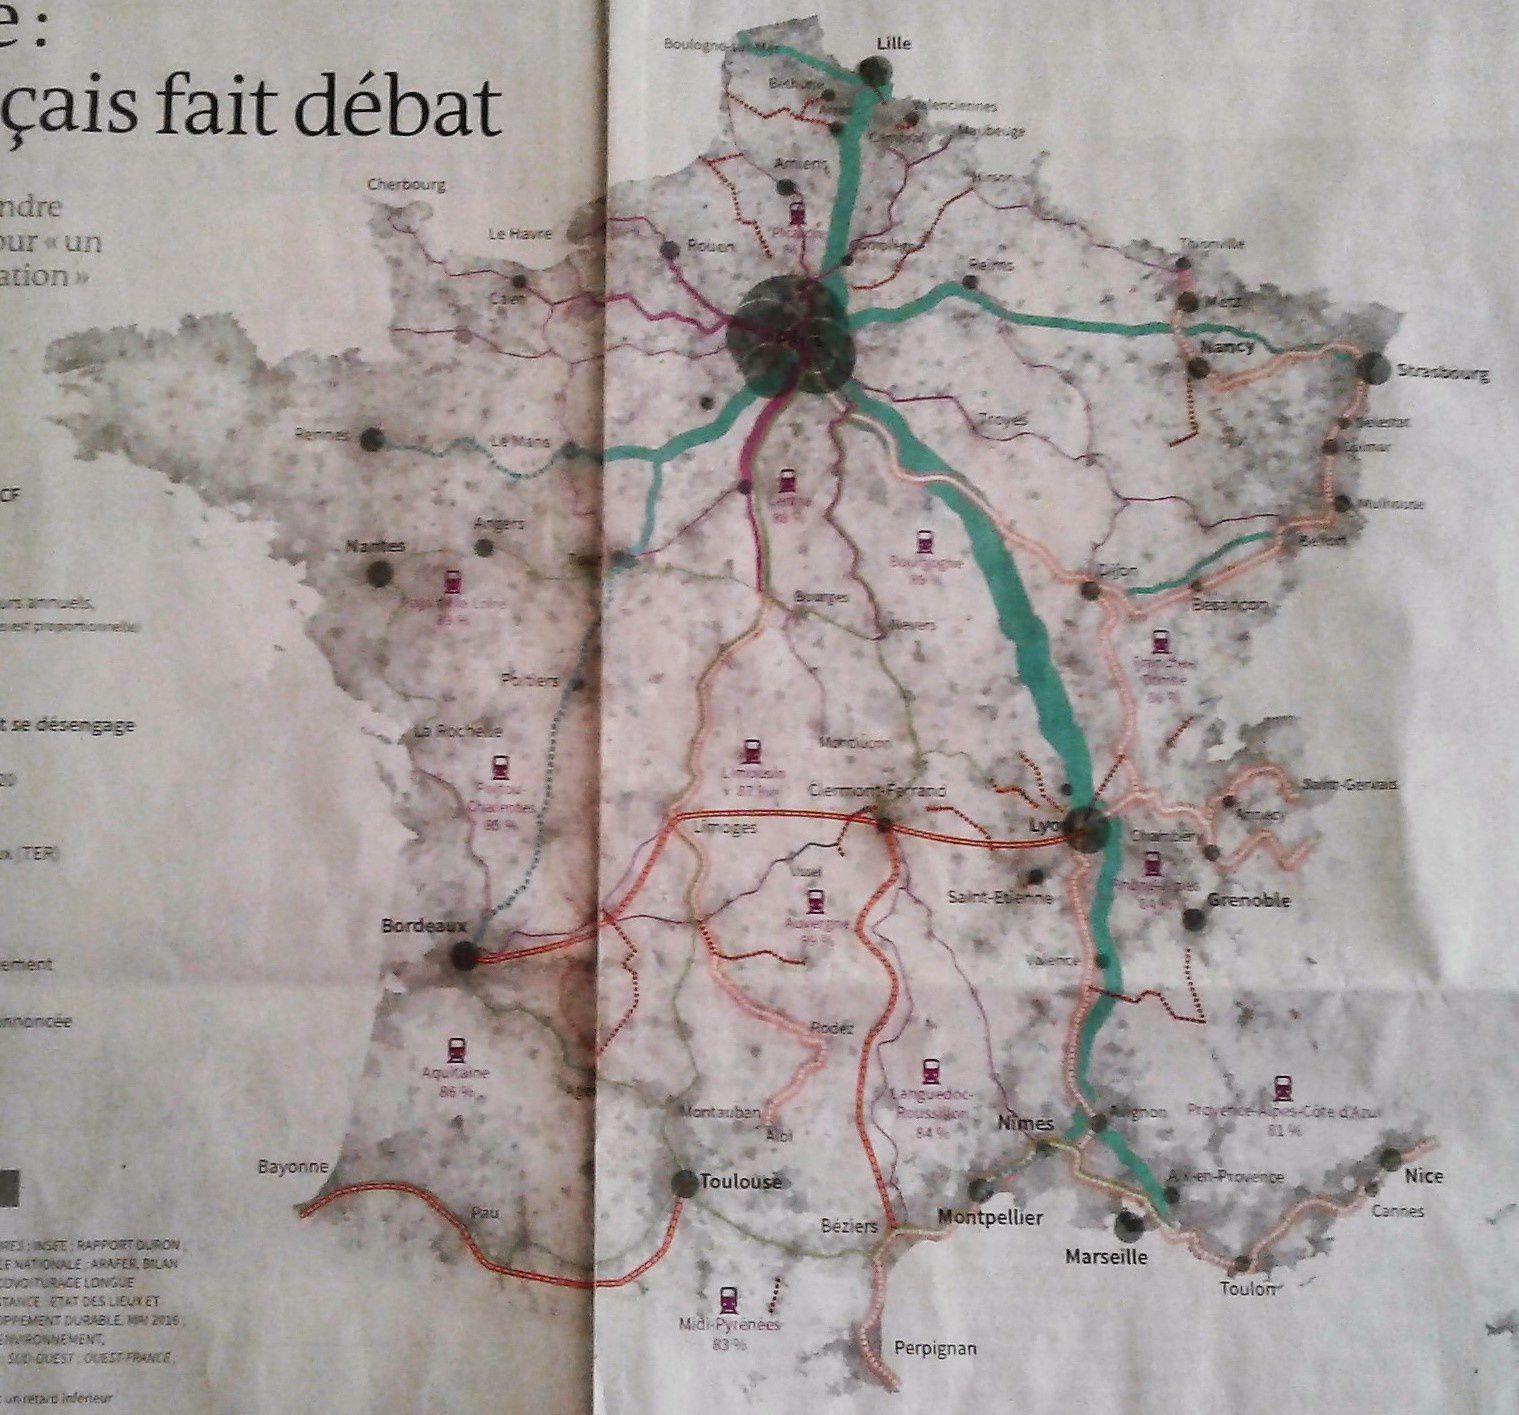 Carte des lignes ferroviaires françaises publiée le 24 mars 2017 par Le Monde. Merci d'excuser la mauvaise qualité de ma copie.